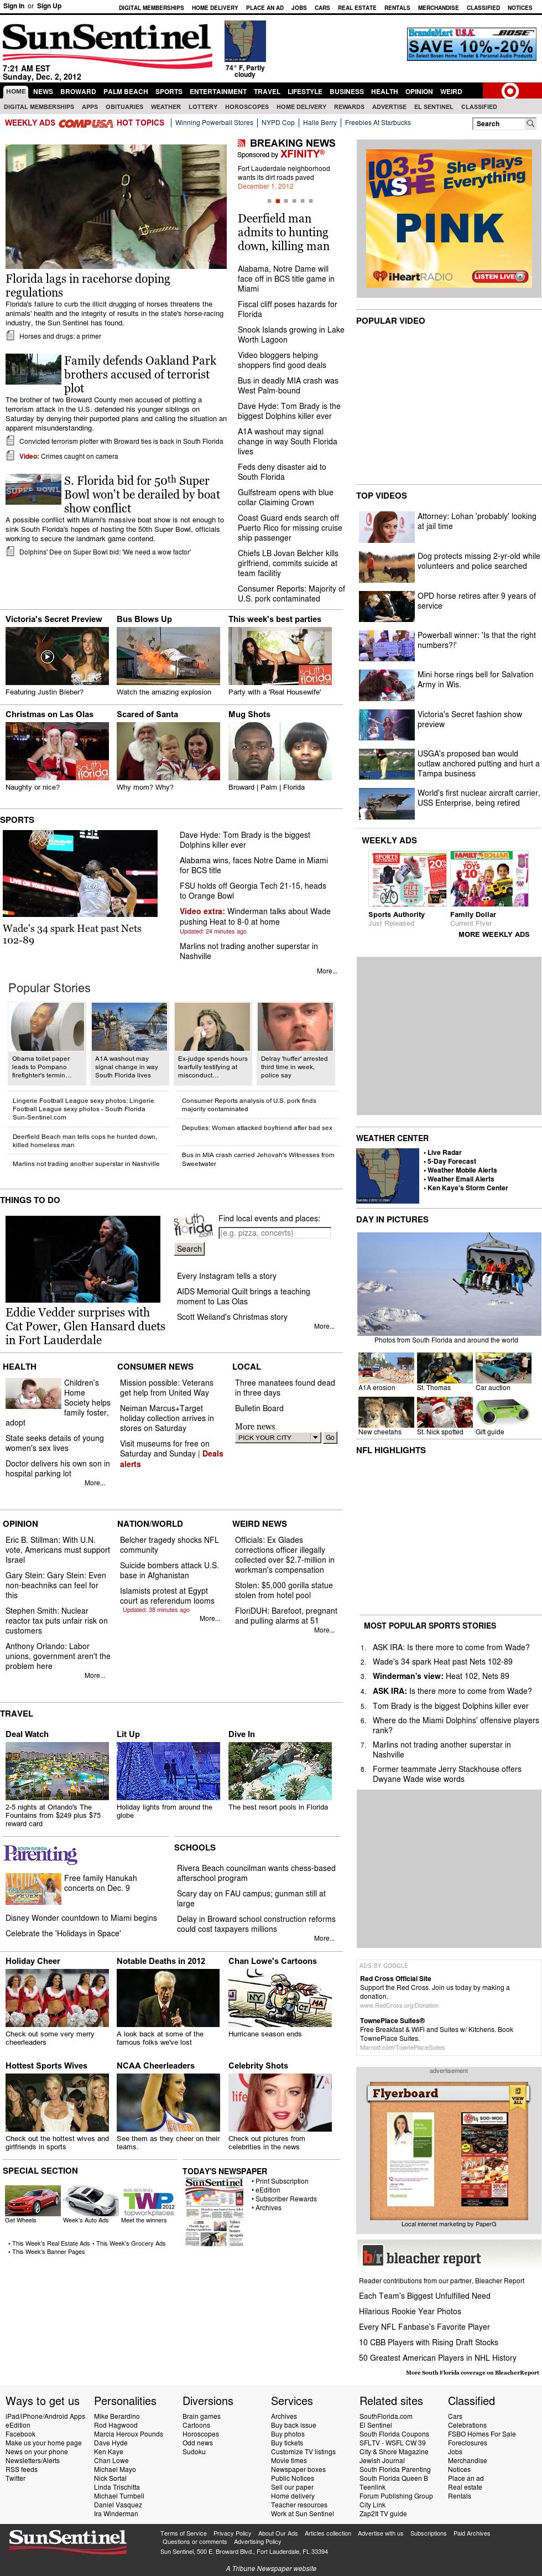 (Florida) Sun Sentinel at Sunday Dec. 2, 2012, 12:29 p.m. UTC